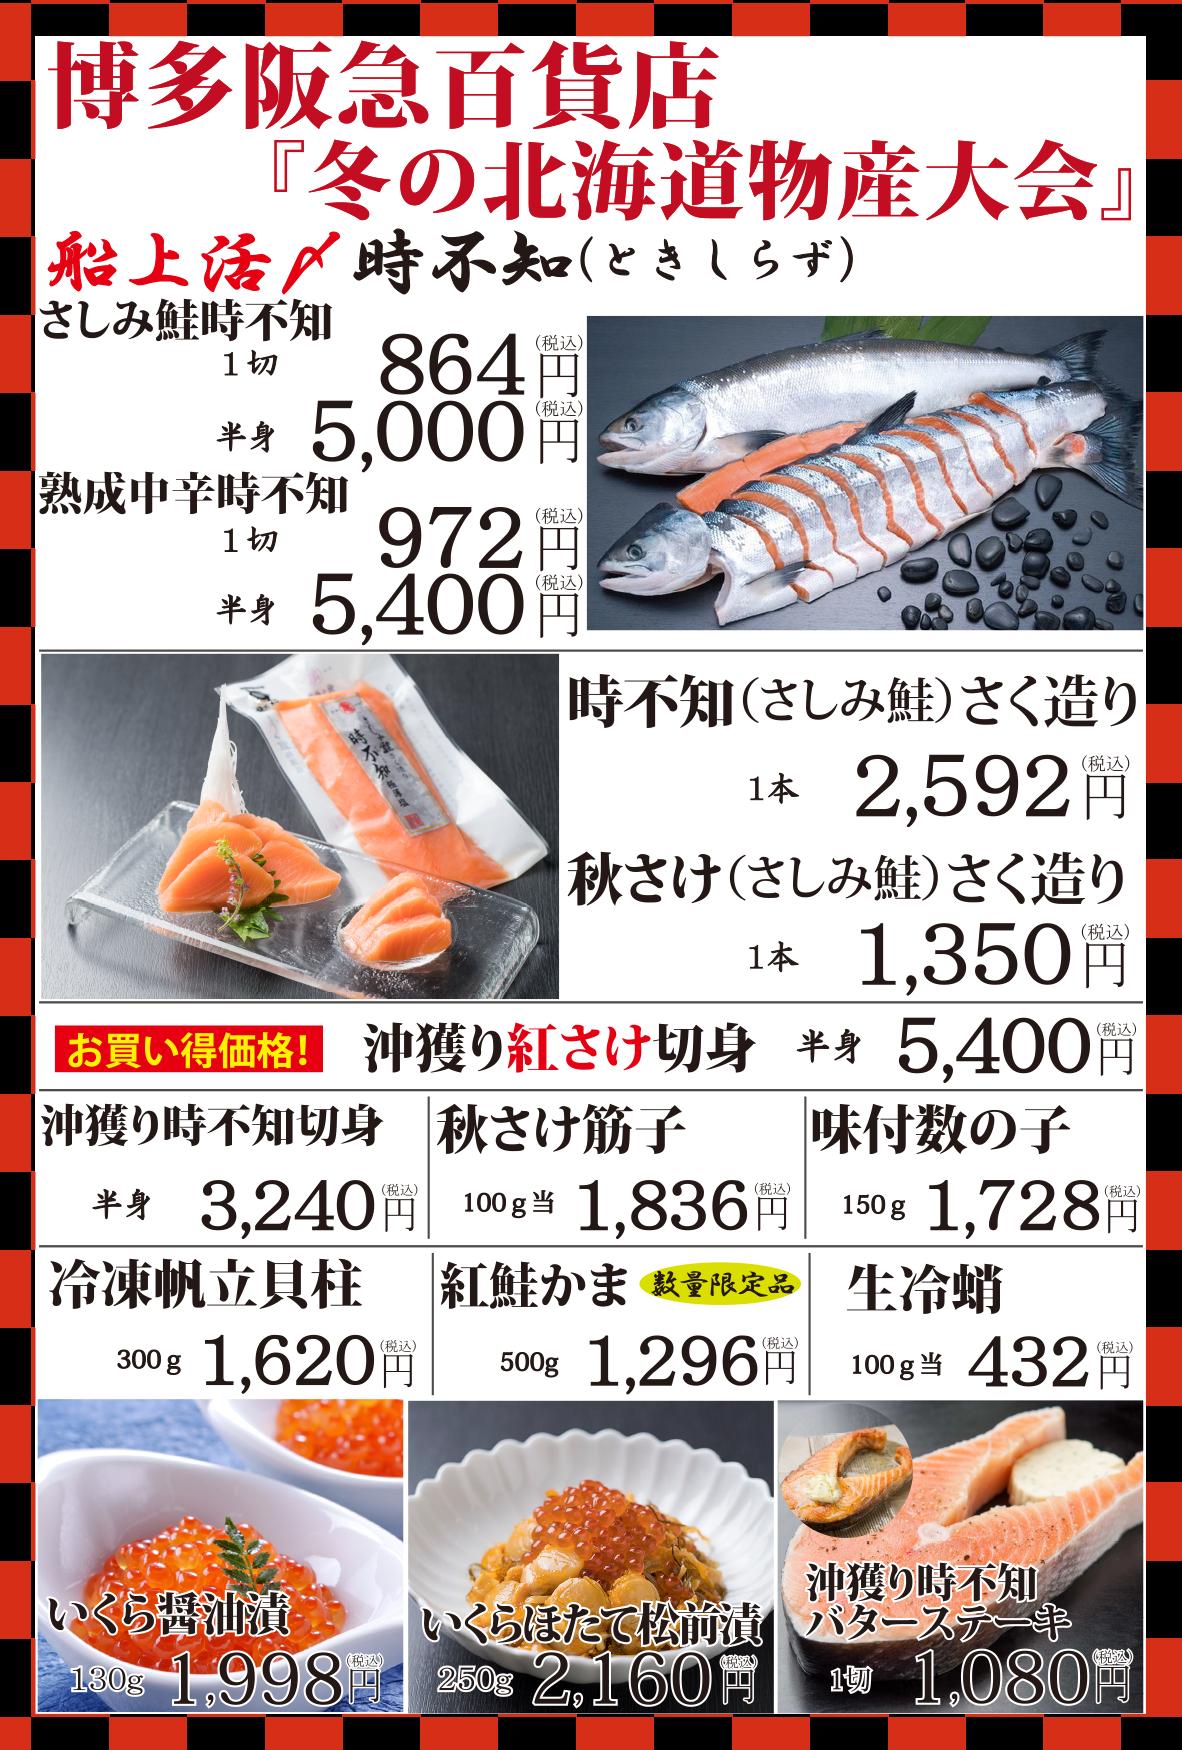 11月06日より博多阪急百貨店様にて出店致します。